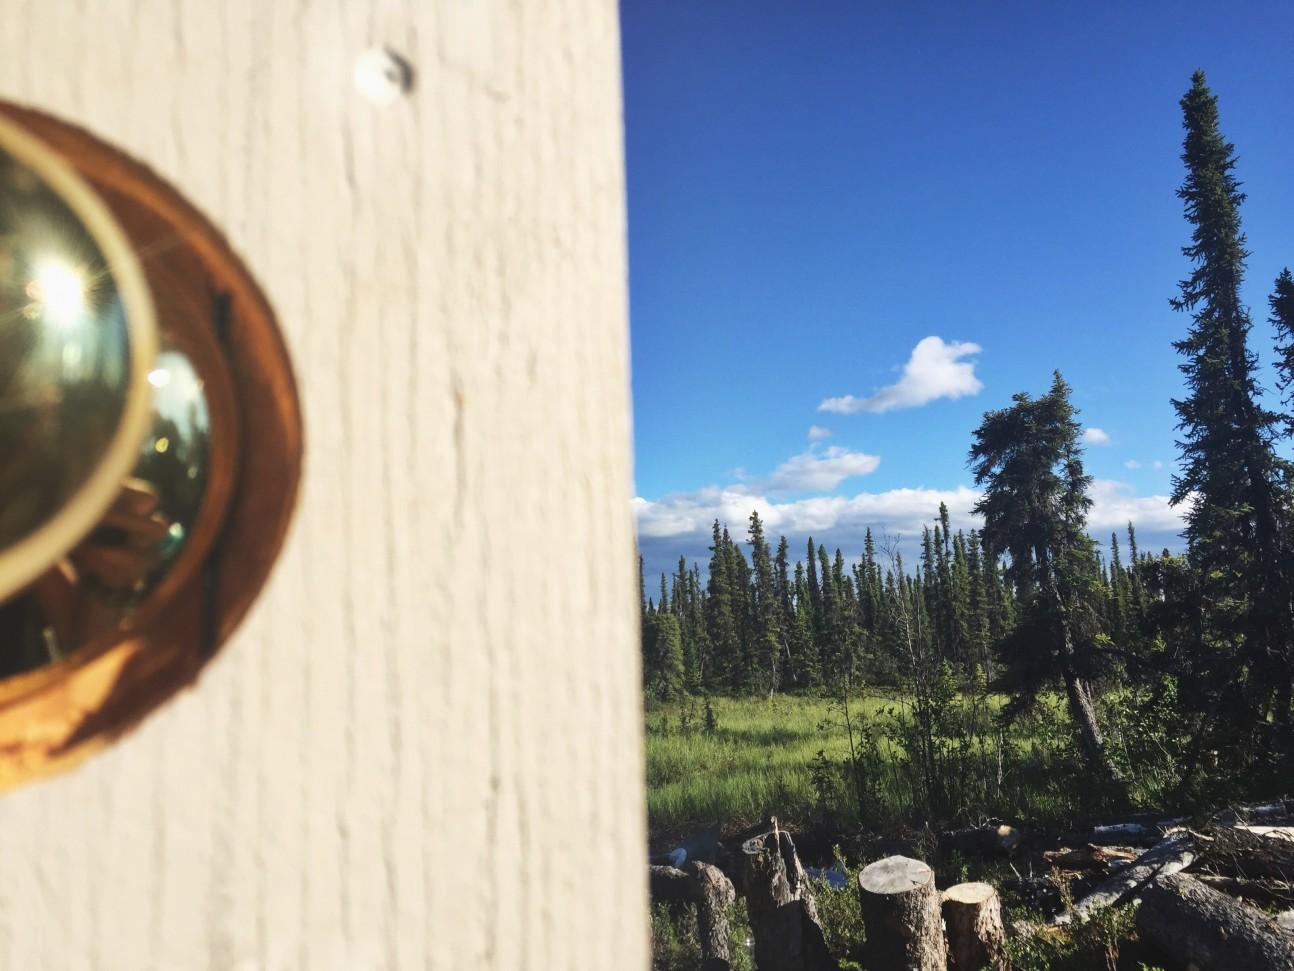 Operationg Moto Dog - Slana, Alaska